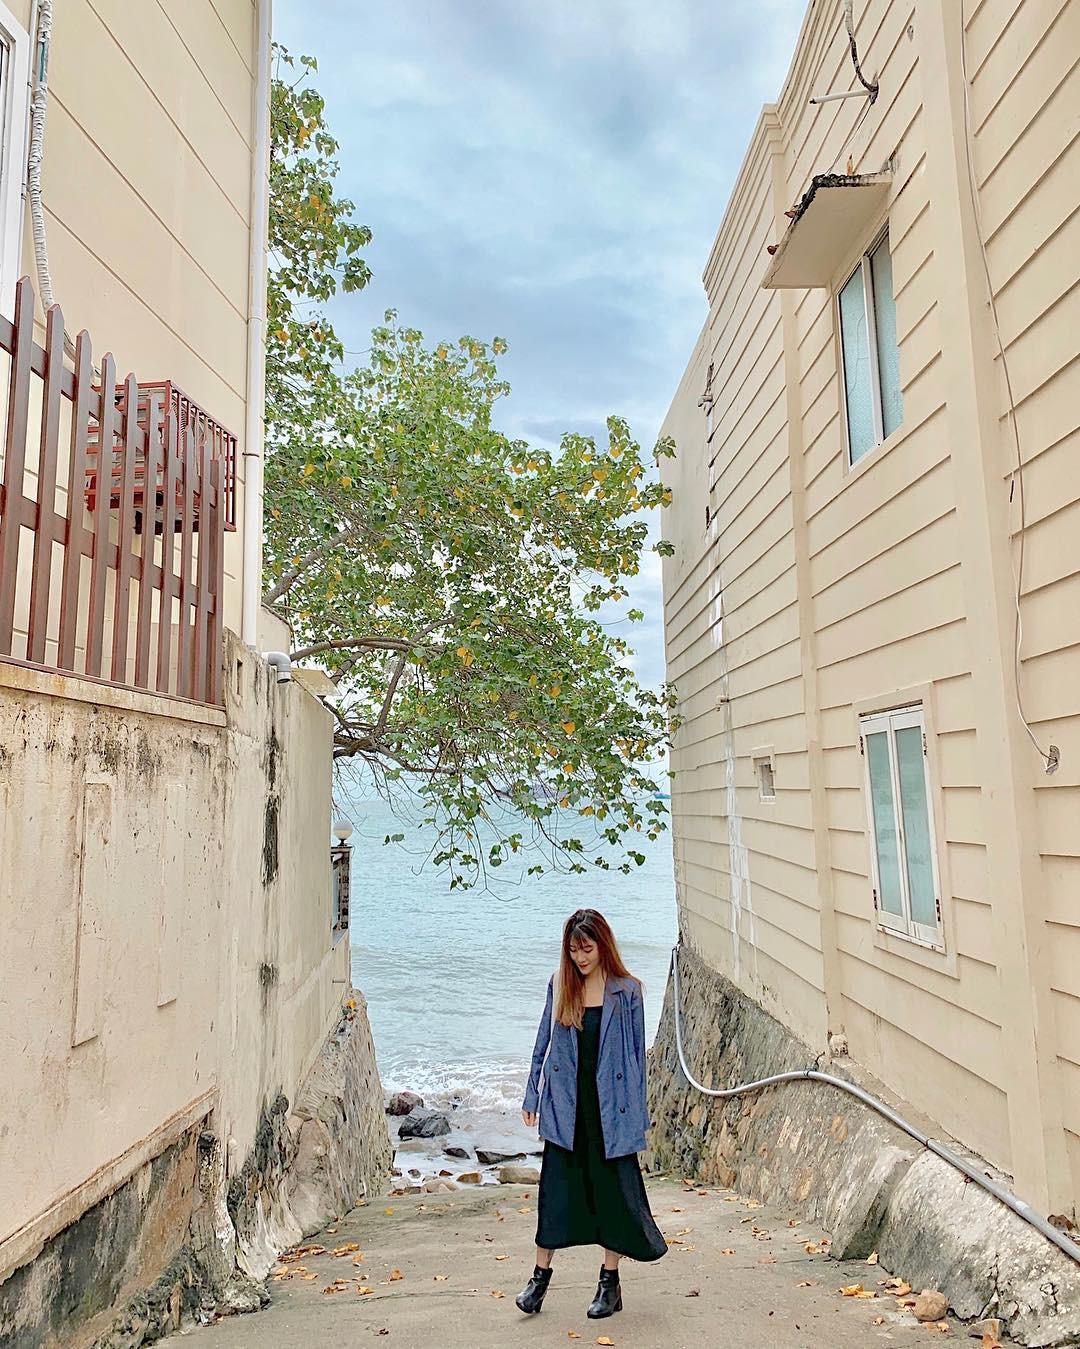 Con hẻm sống ảo tại Vũng Tàu đang là địa điểm được giới trẻ check-in rần rần trên Instagram - Ảnh 15.